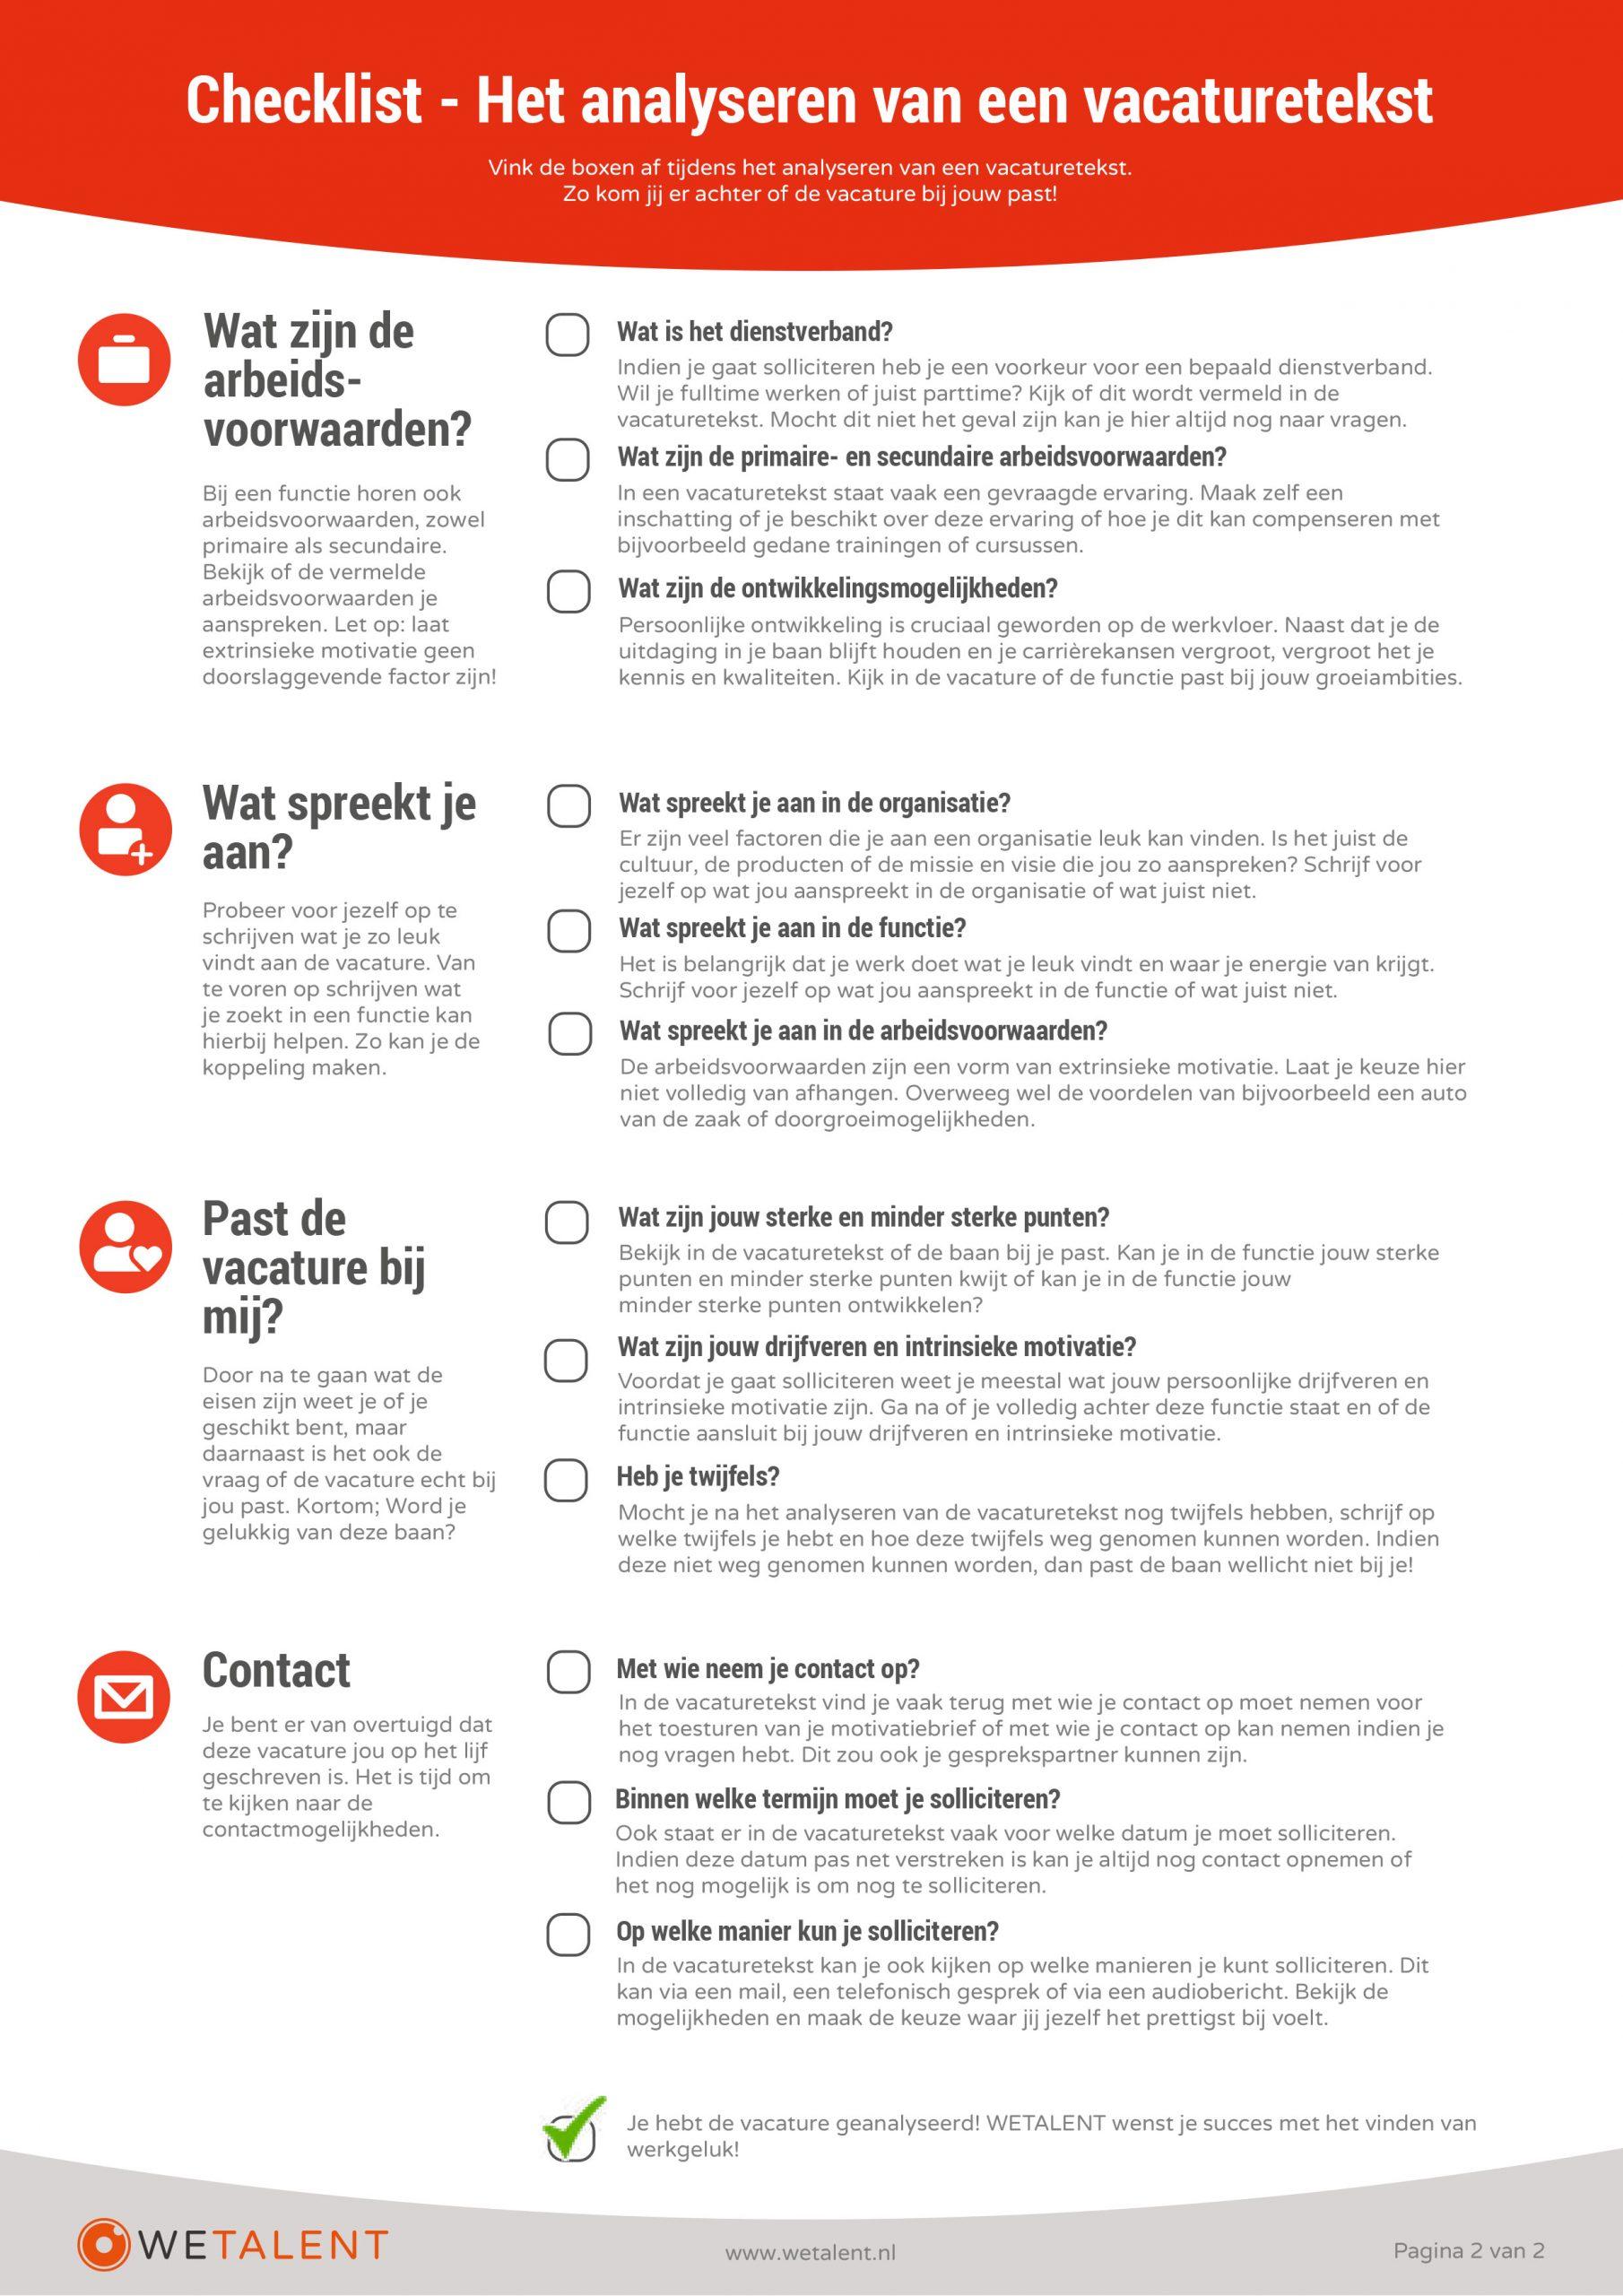 checklist-het-analyseren-van-een-vacaturetekst-pagina-2